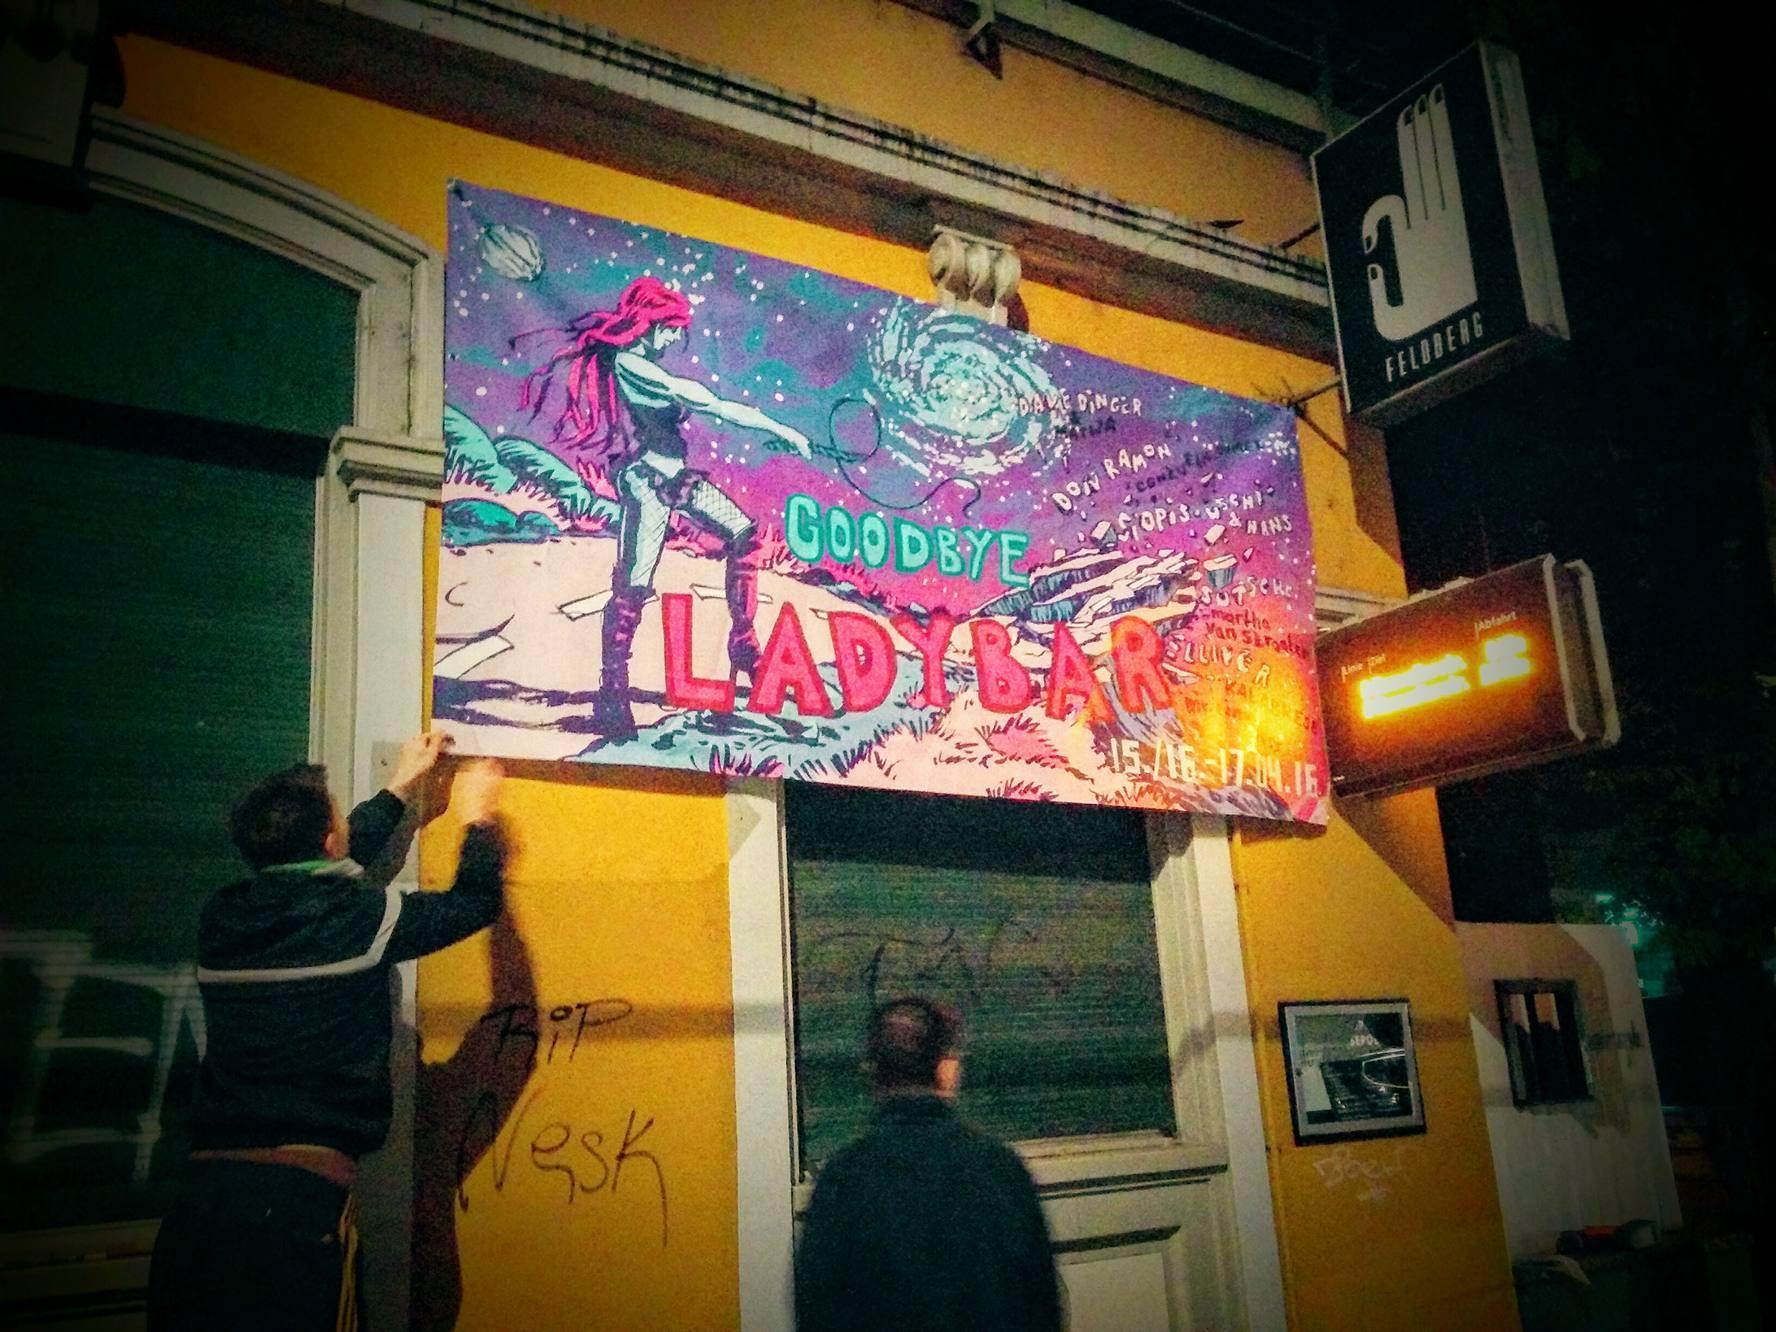 Ready für die letzten Partys an der Ecke Feldberg-/Klybeckstrasse.